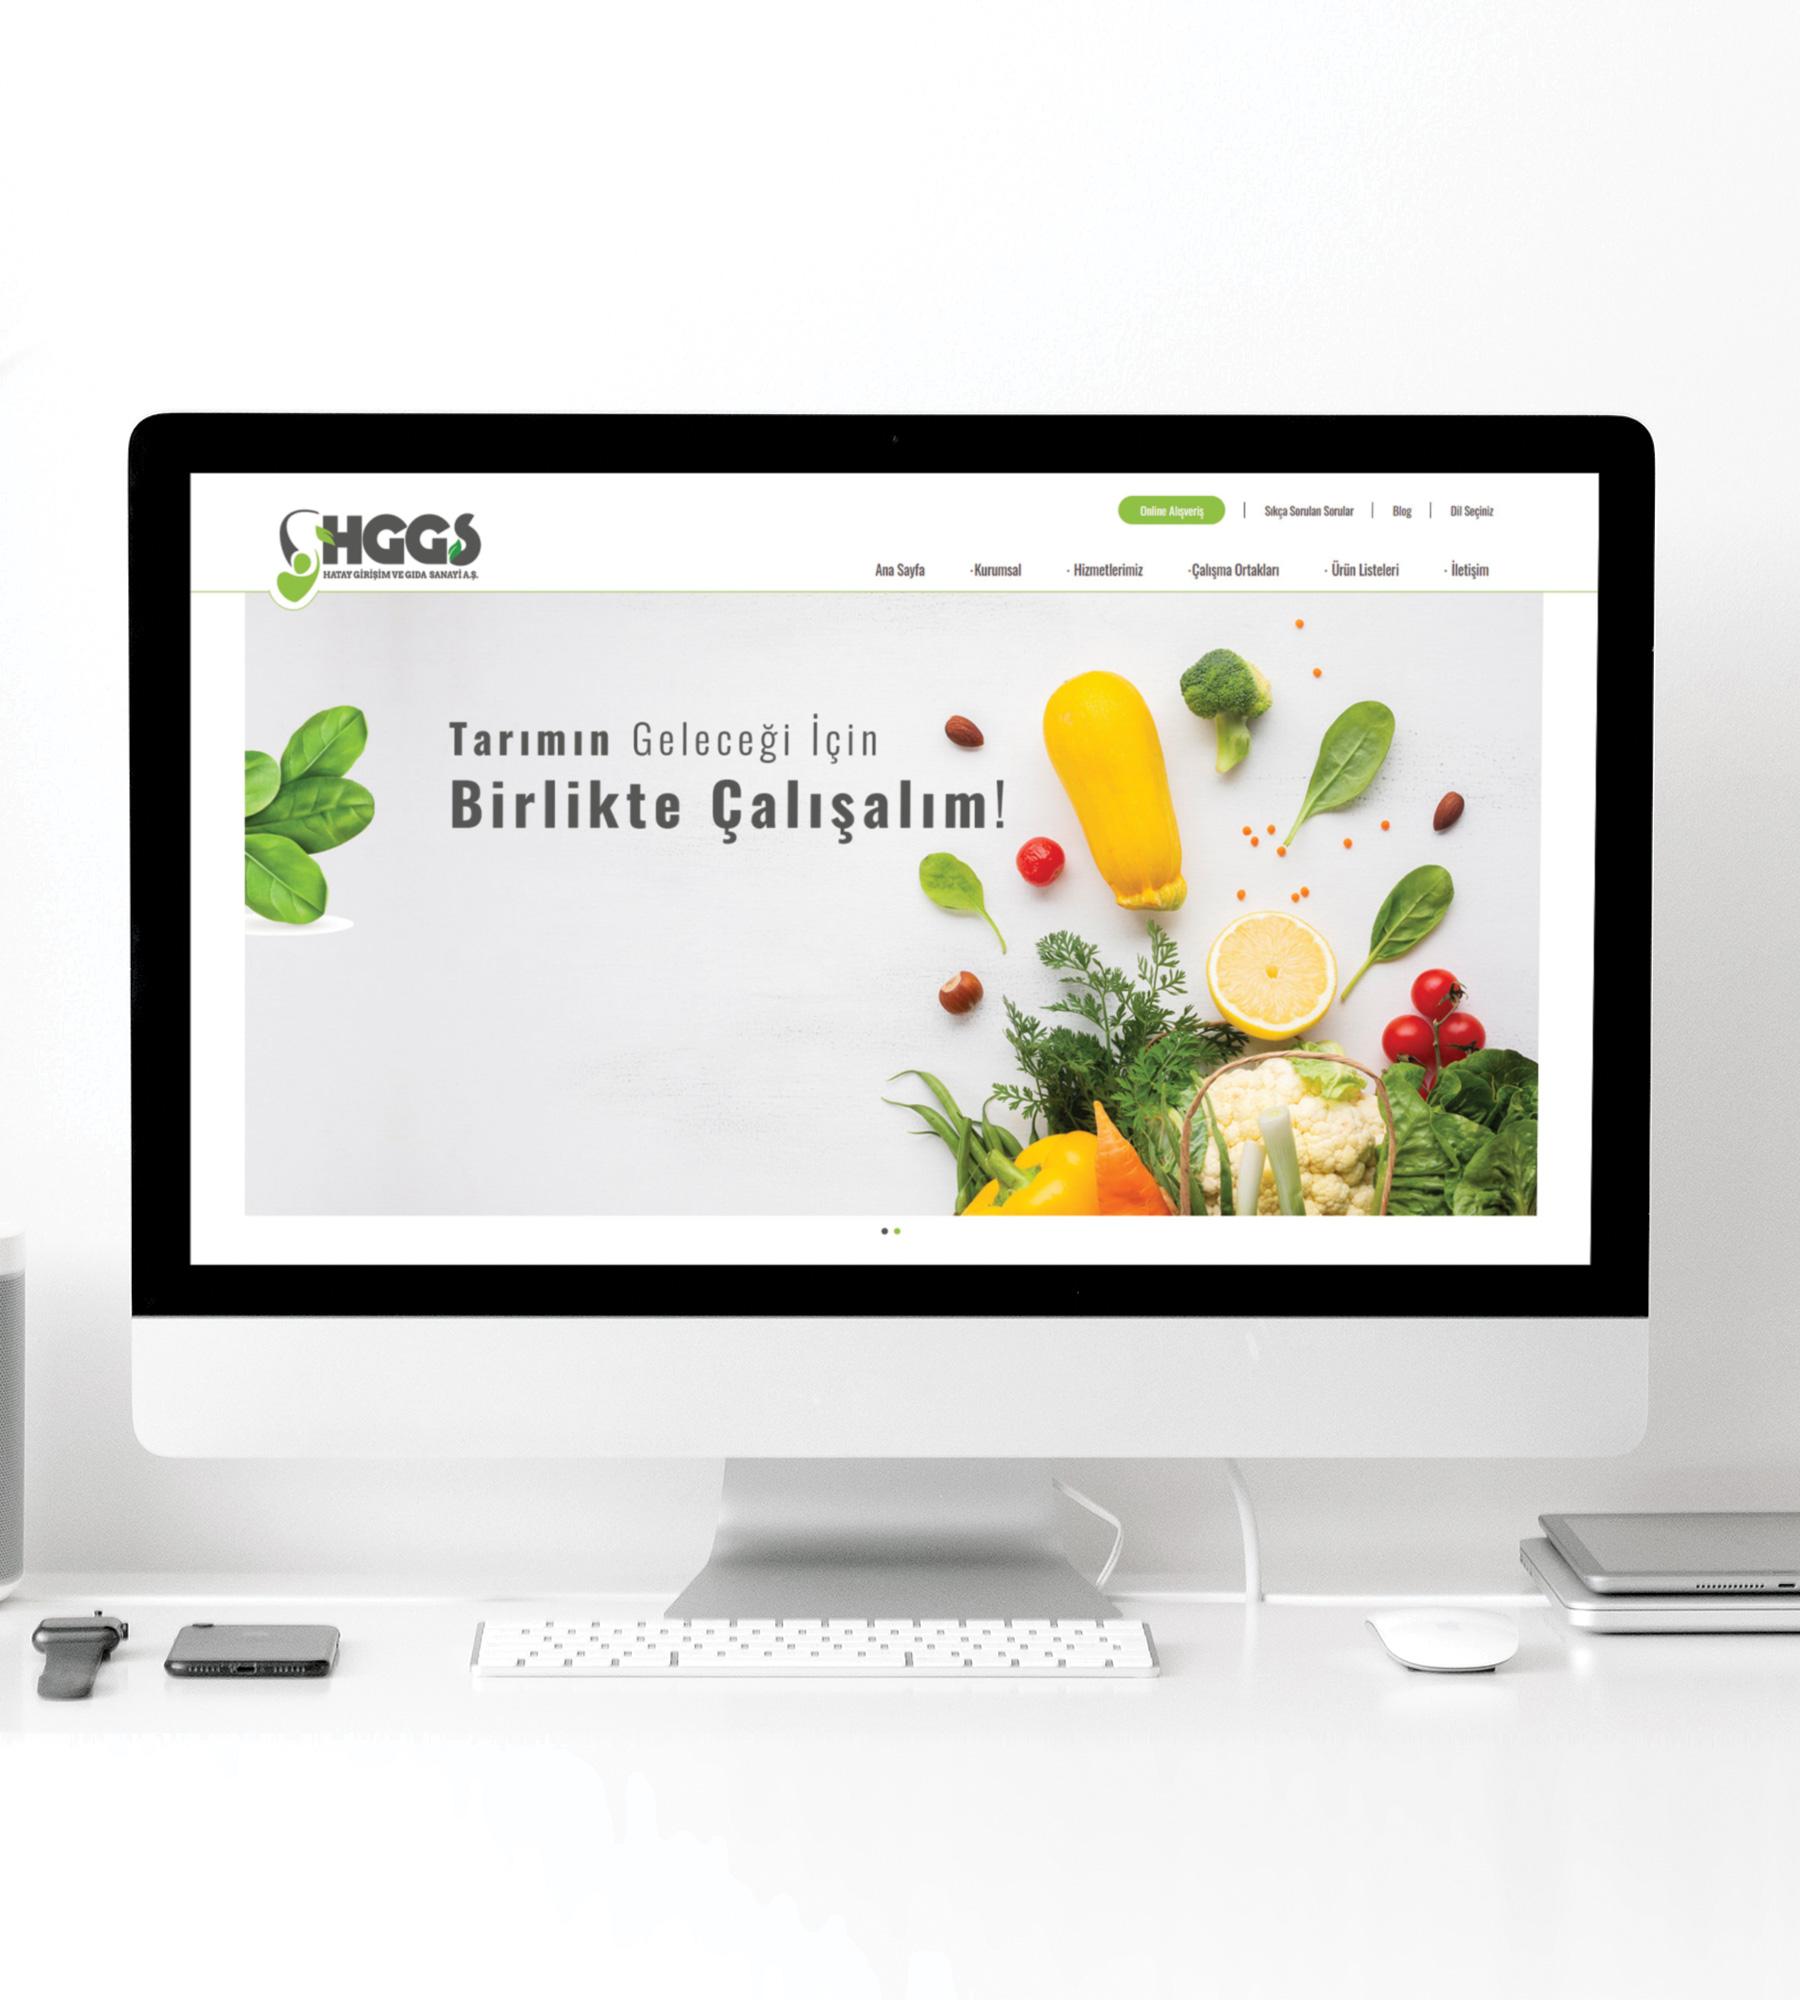 Hatay Girişim ve Gıda Sanayi Anonim Şirketi